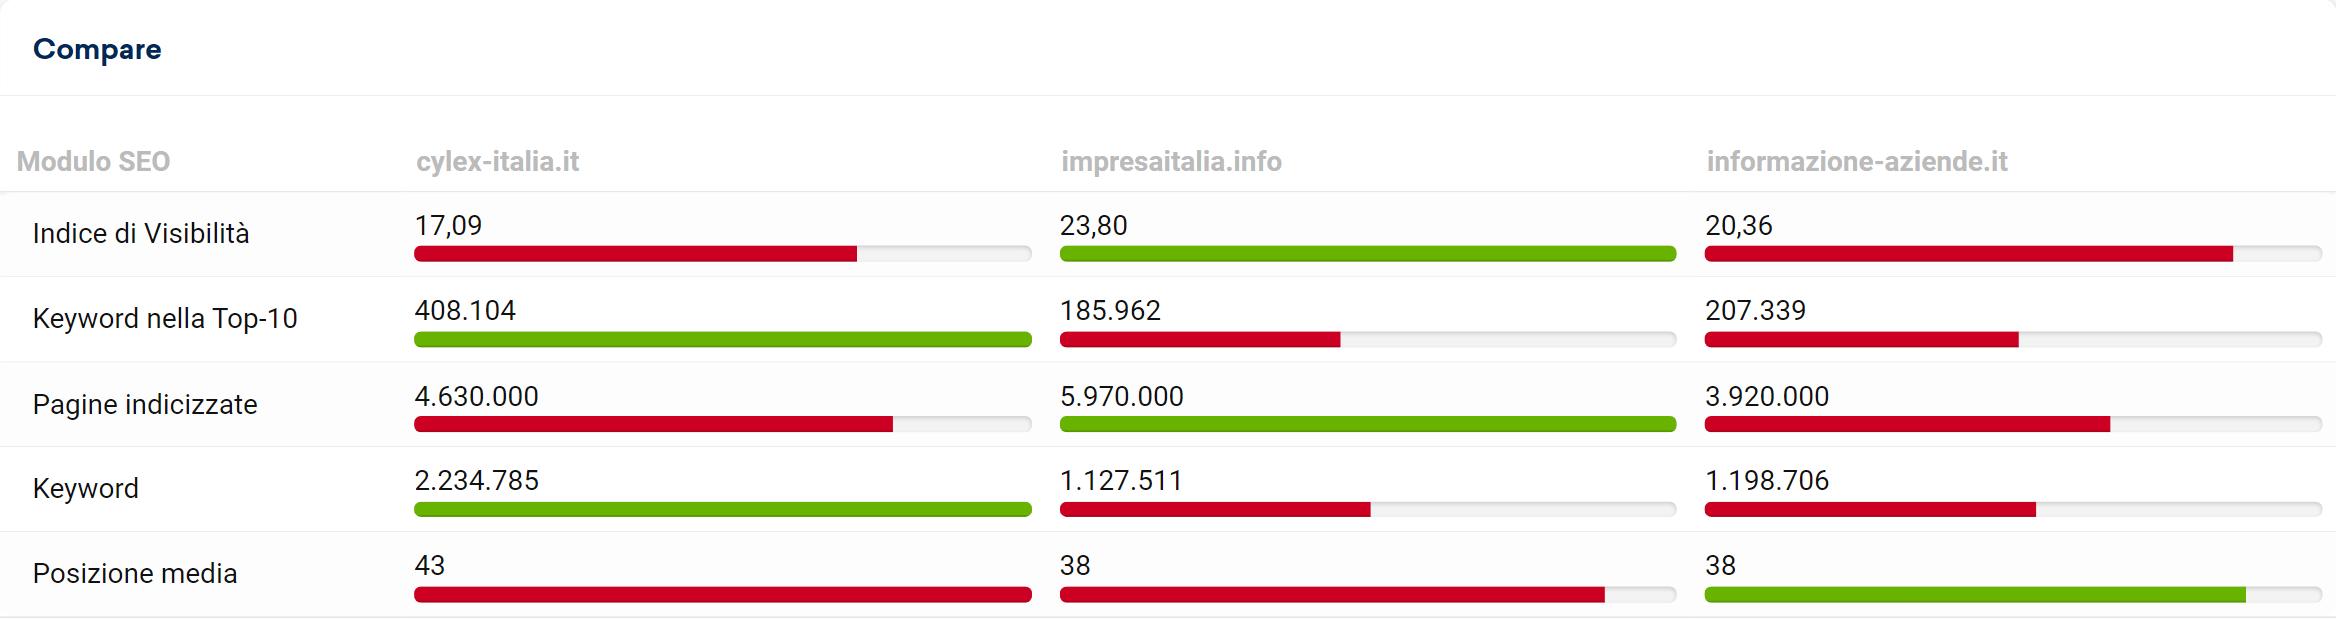 Confronto tra informazione-aziende.it, cylex-italia.it e impresaitalia.info